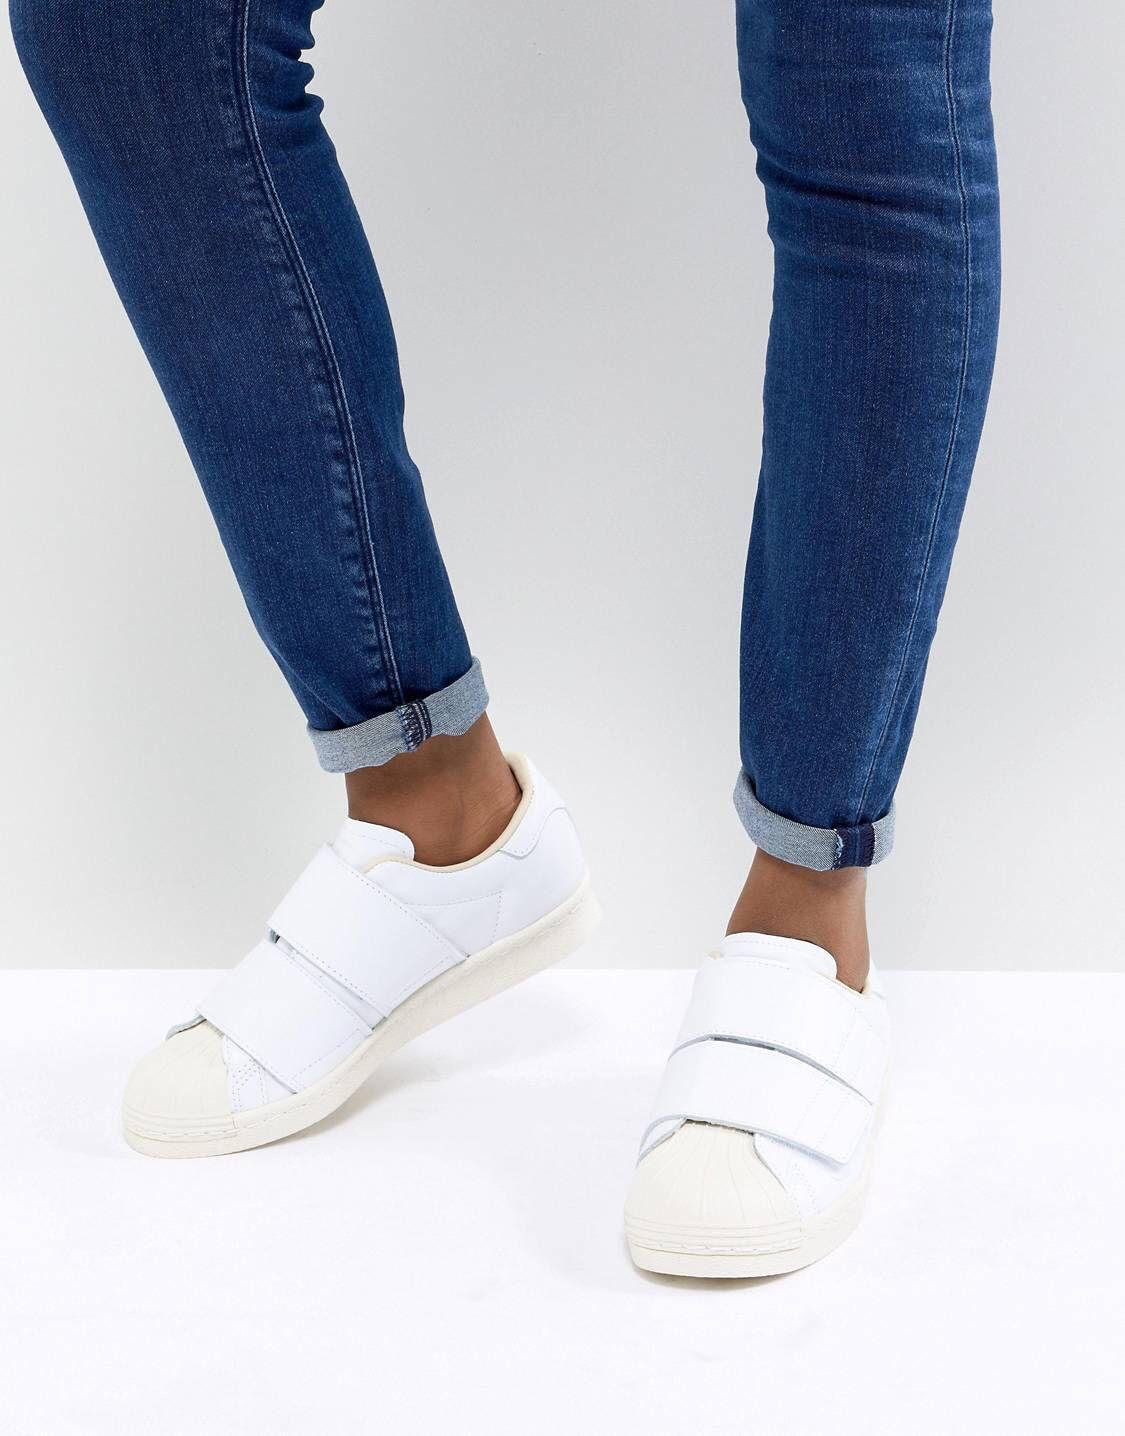 Zapatillas de deporte blancas Superstar 80S Comfort de adidas Originals pVKZ94B